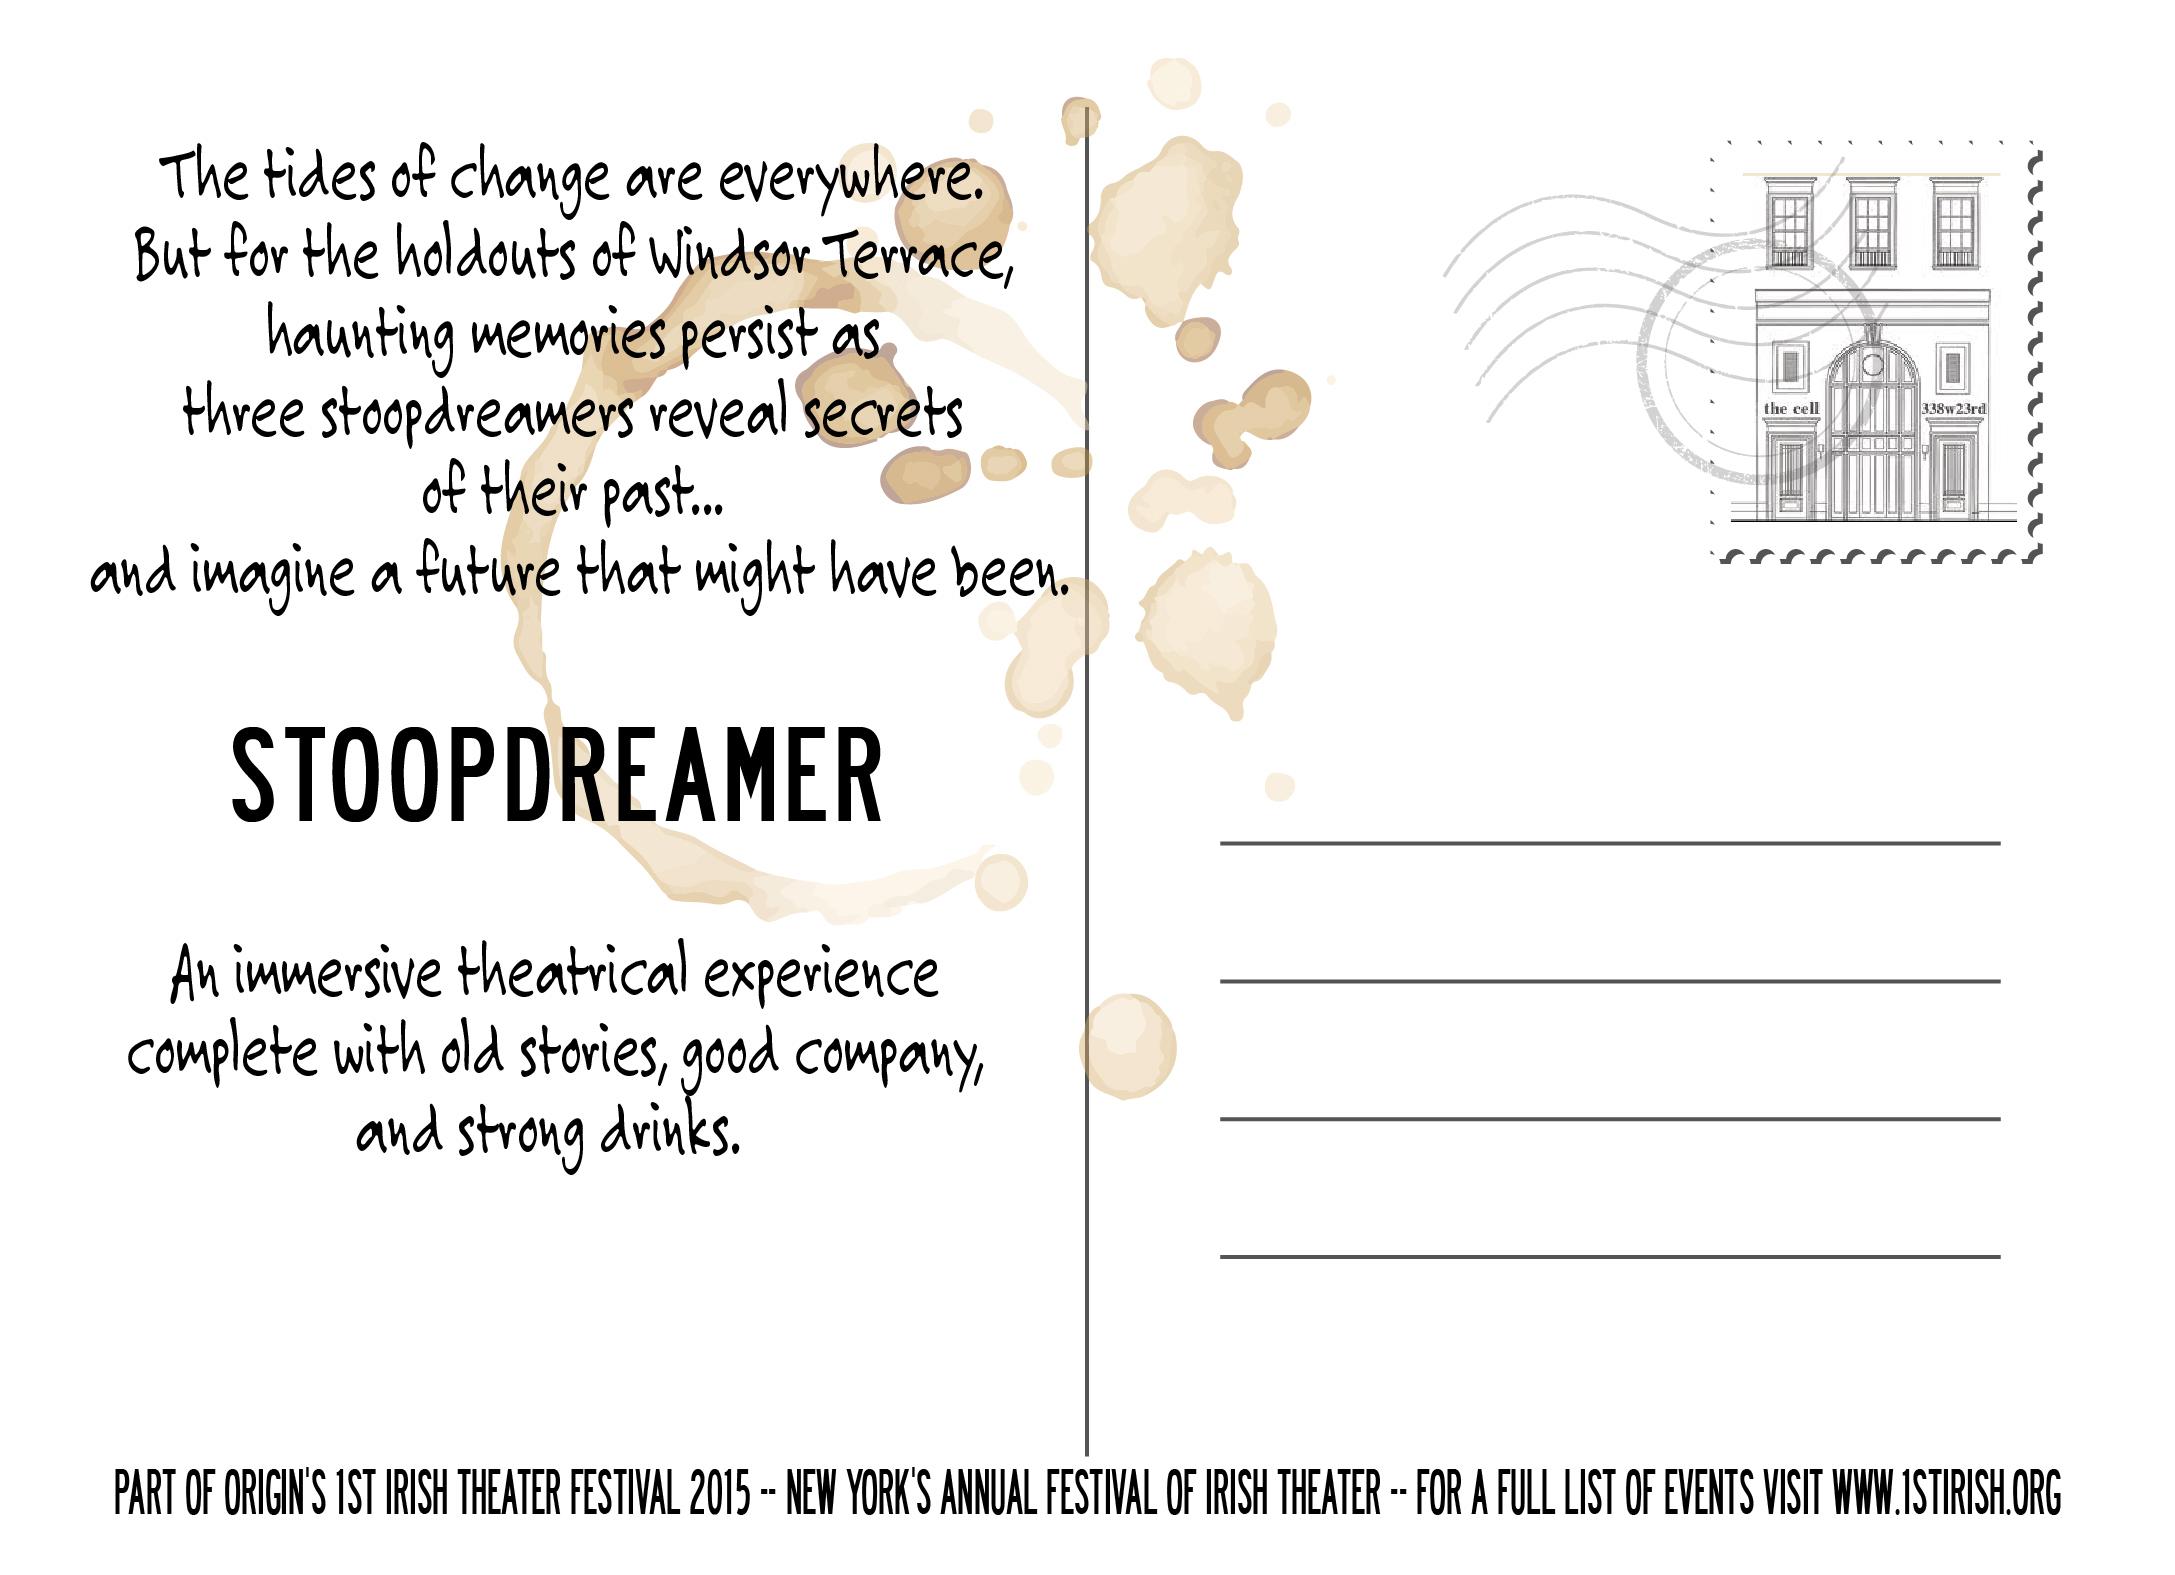 StoopdreamerWebPostcardBACK.jpg